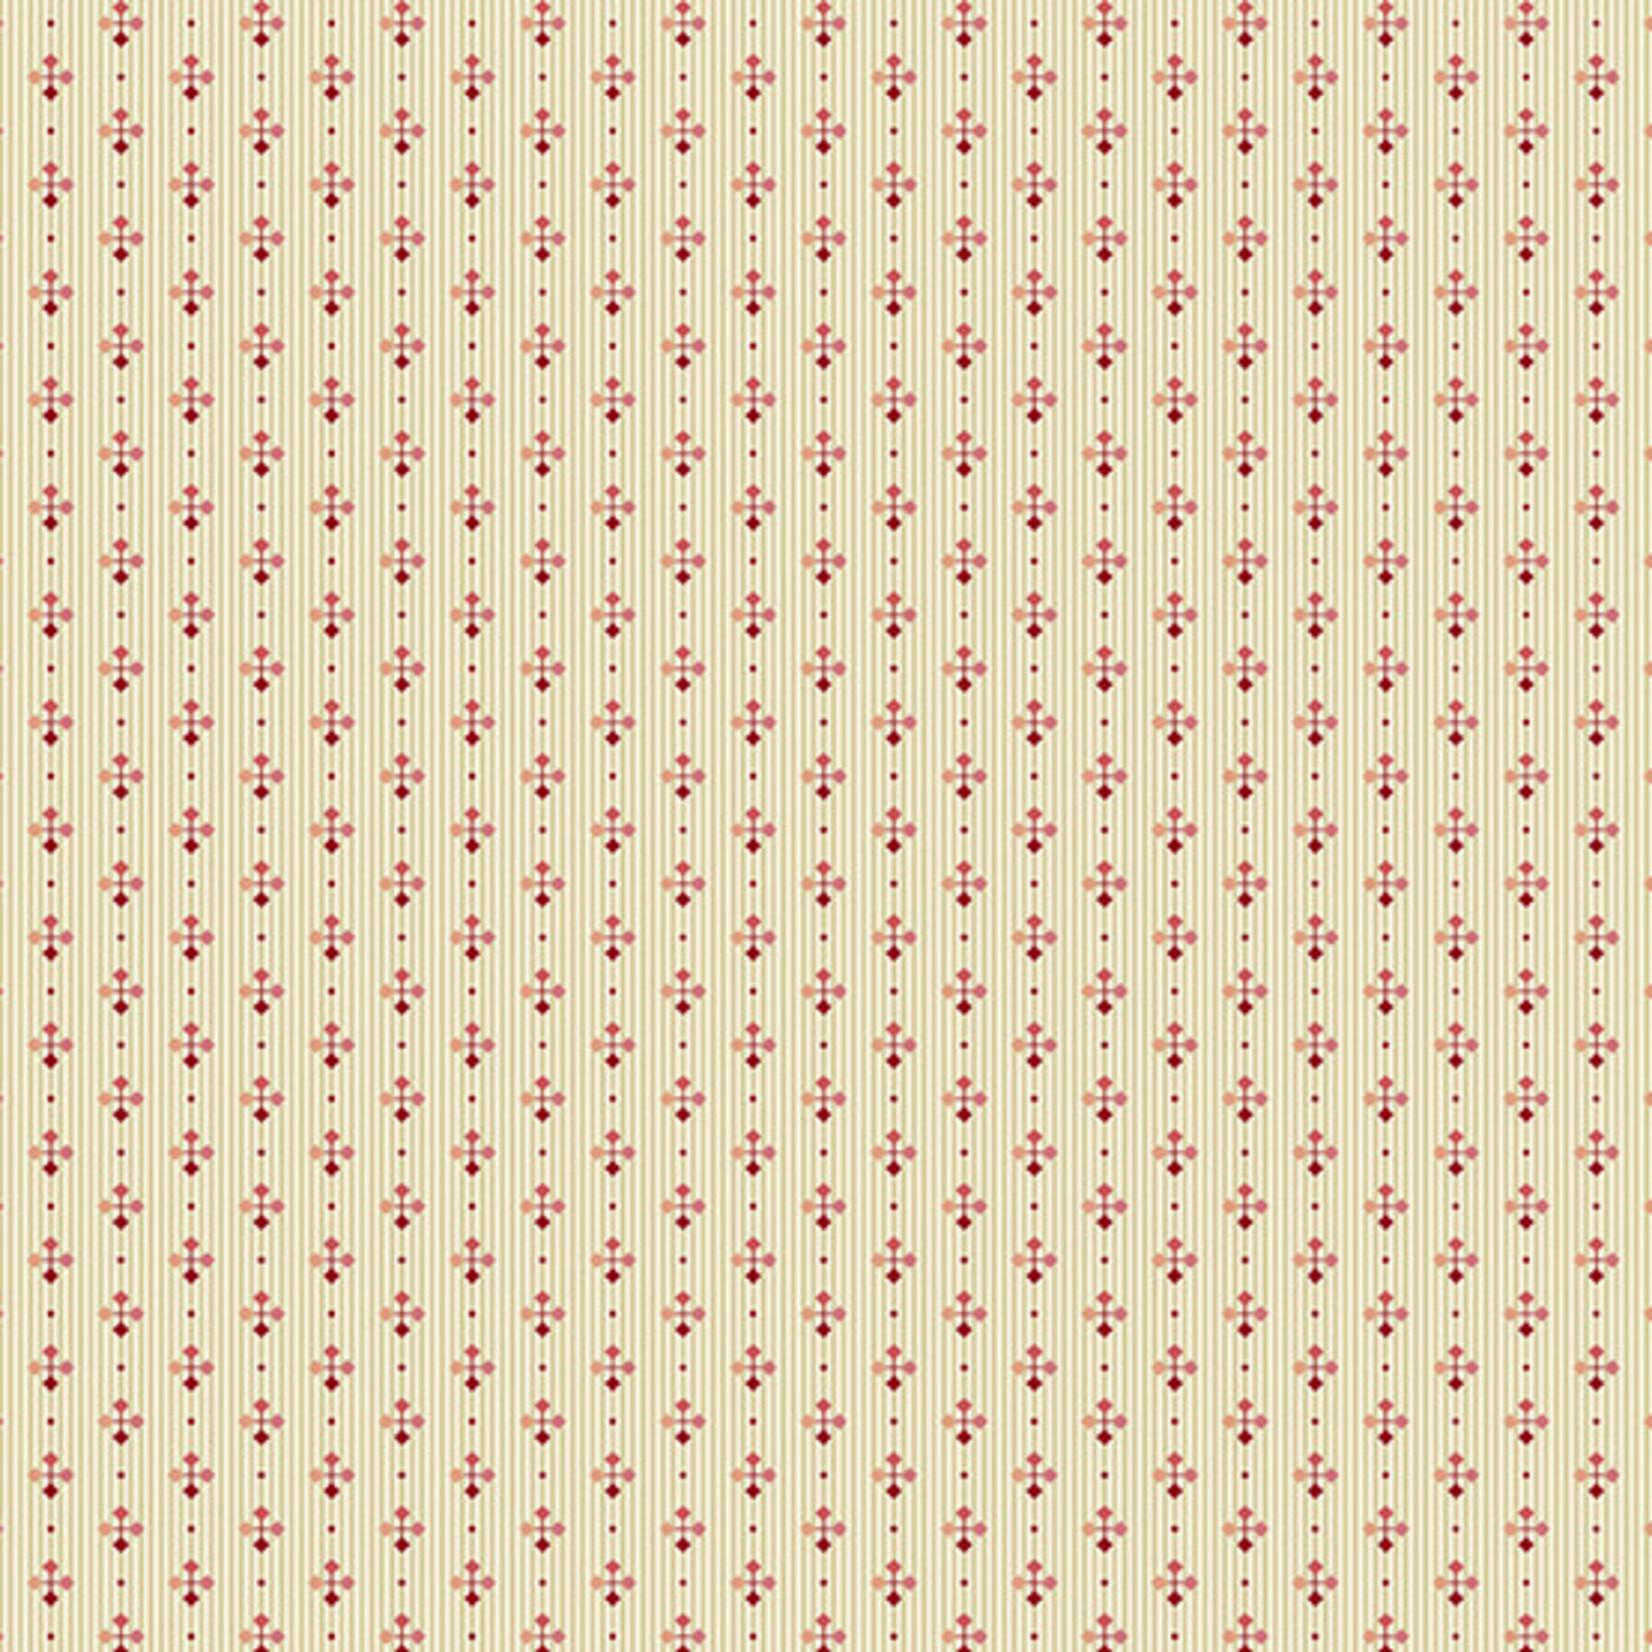 Edyta Sitar Secret Stash - Neutrals, Foulard, Cream (8758-LE) $0.20 per cm or $20/m